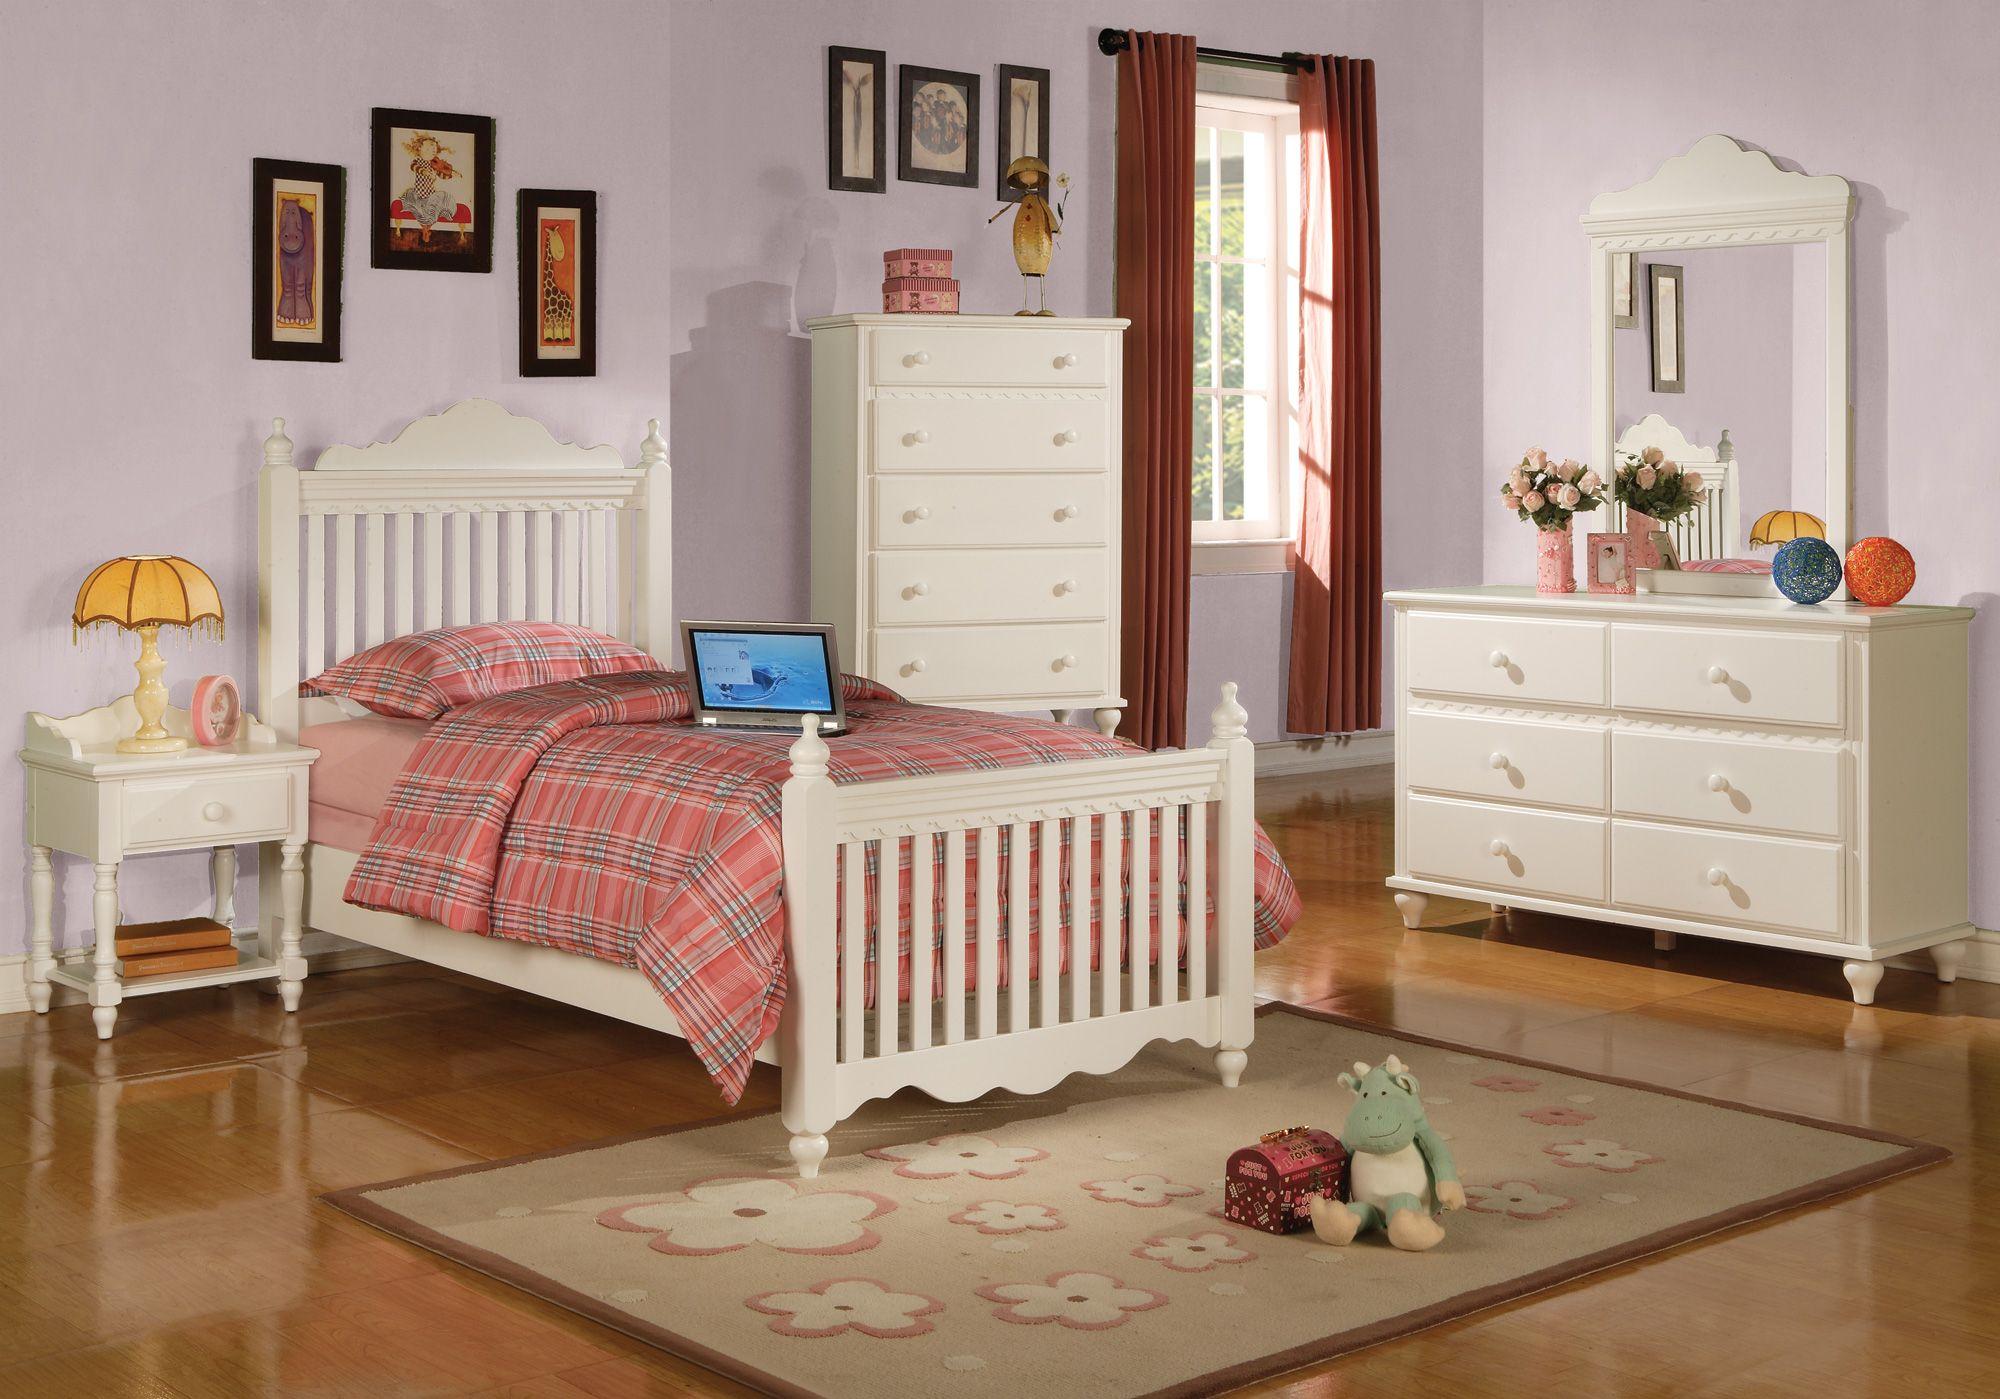 Interesting Twin Bedroom Set for Girls in White Palette